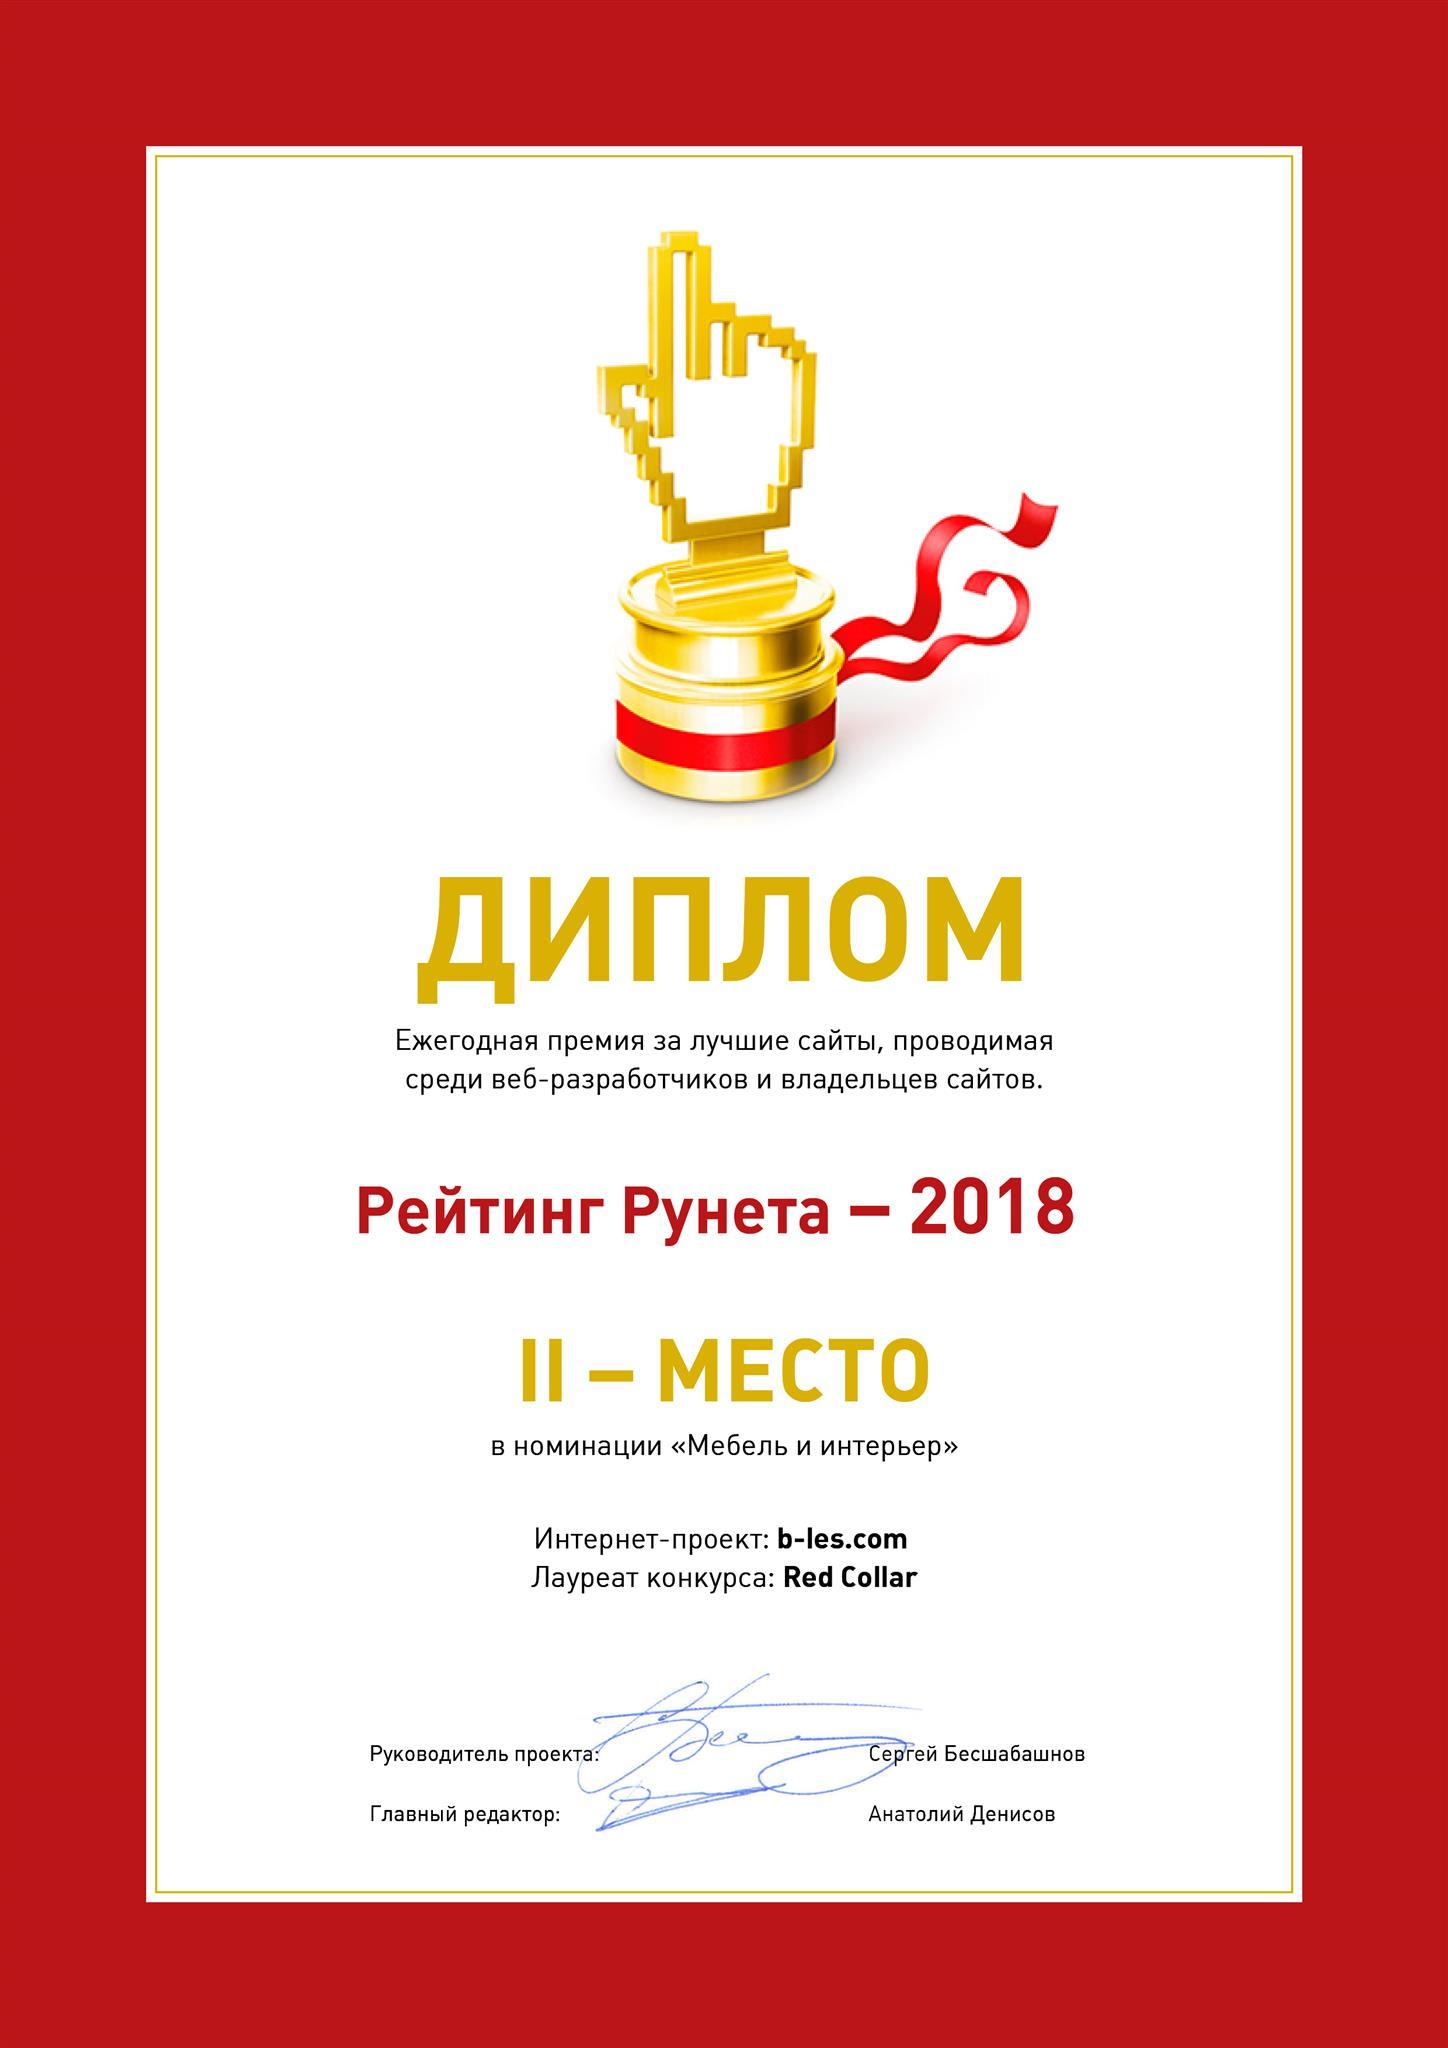 """Проект взял серебро на Рейтинге Рунета 2018 в номинации """"Мебель и интерьер"""""""